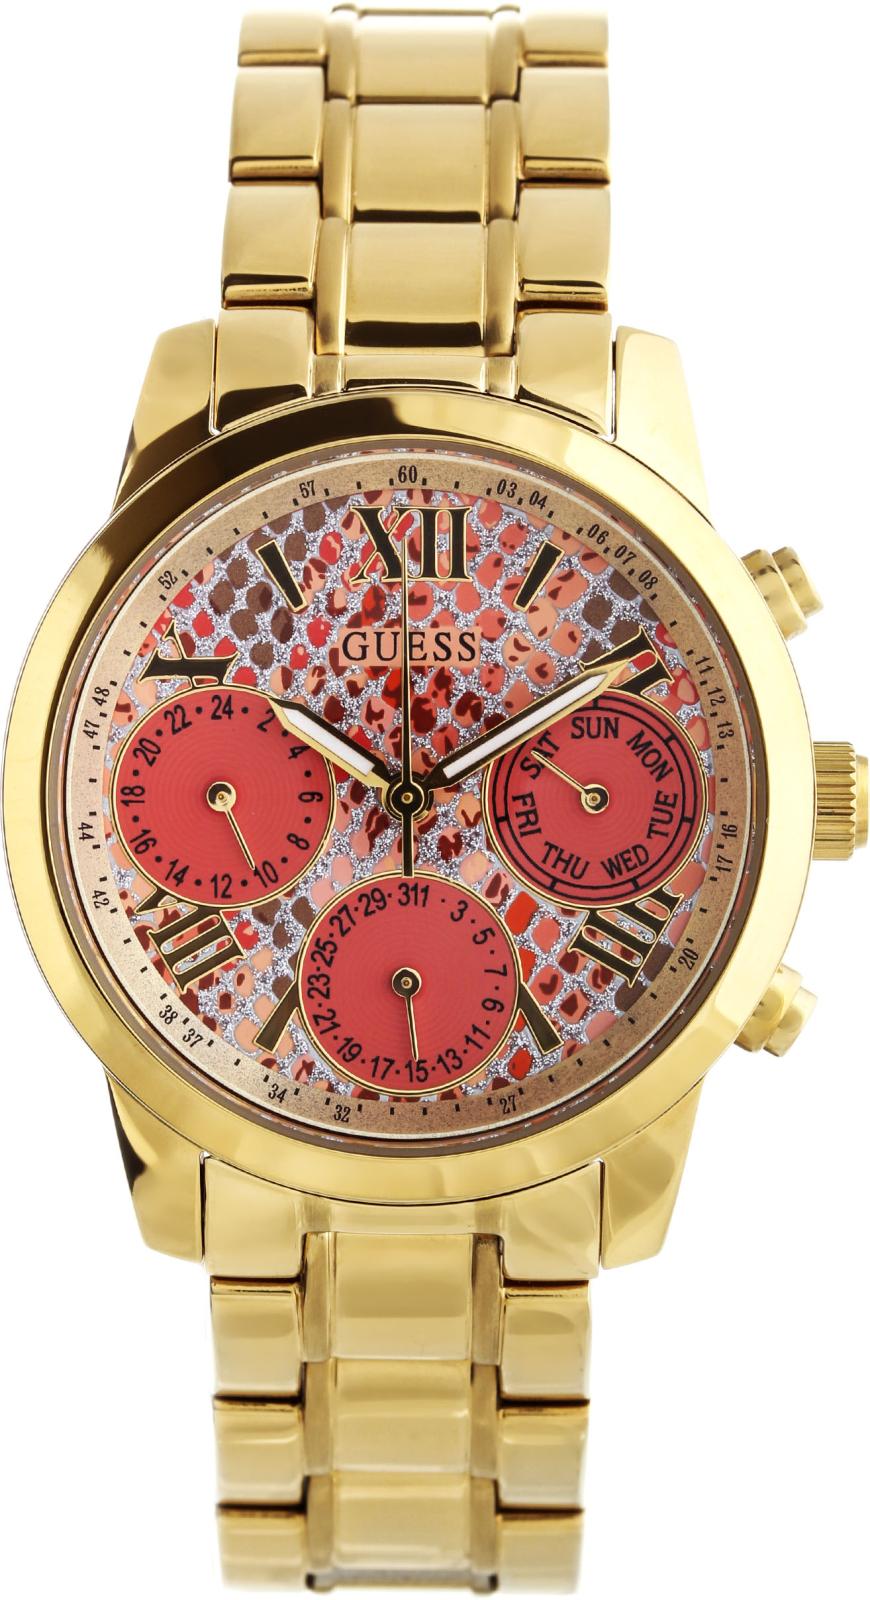 Guess Sport Steel  W0448L7Наручные часы<br>Американские часы Guess Sport Steel W0448L7<br><br>Пол: Женские<br>Страна-производитель: США<br>Механизм: Кварцевый<br>Материал корпуса: Сталь<br>Материал ремня/браслета: Сталь<br>Водозащита, диапазон: 20 - 100 м<br>Стекло: Минеральное<br>Толщина корпуса: 10.5 мм<br>Стиль: Классика